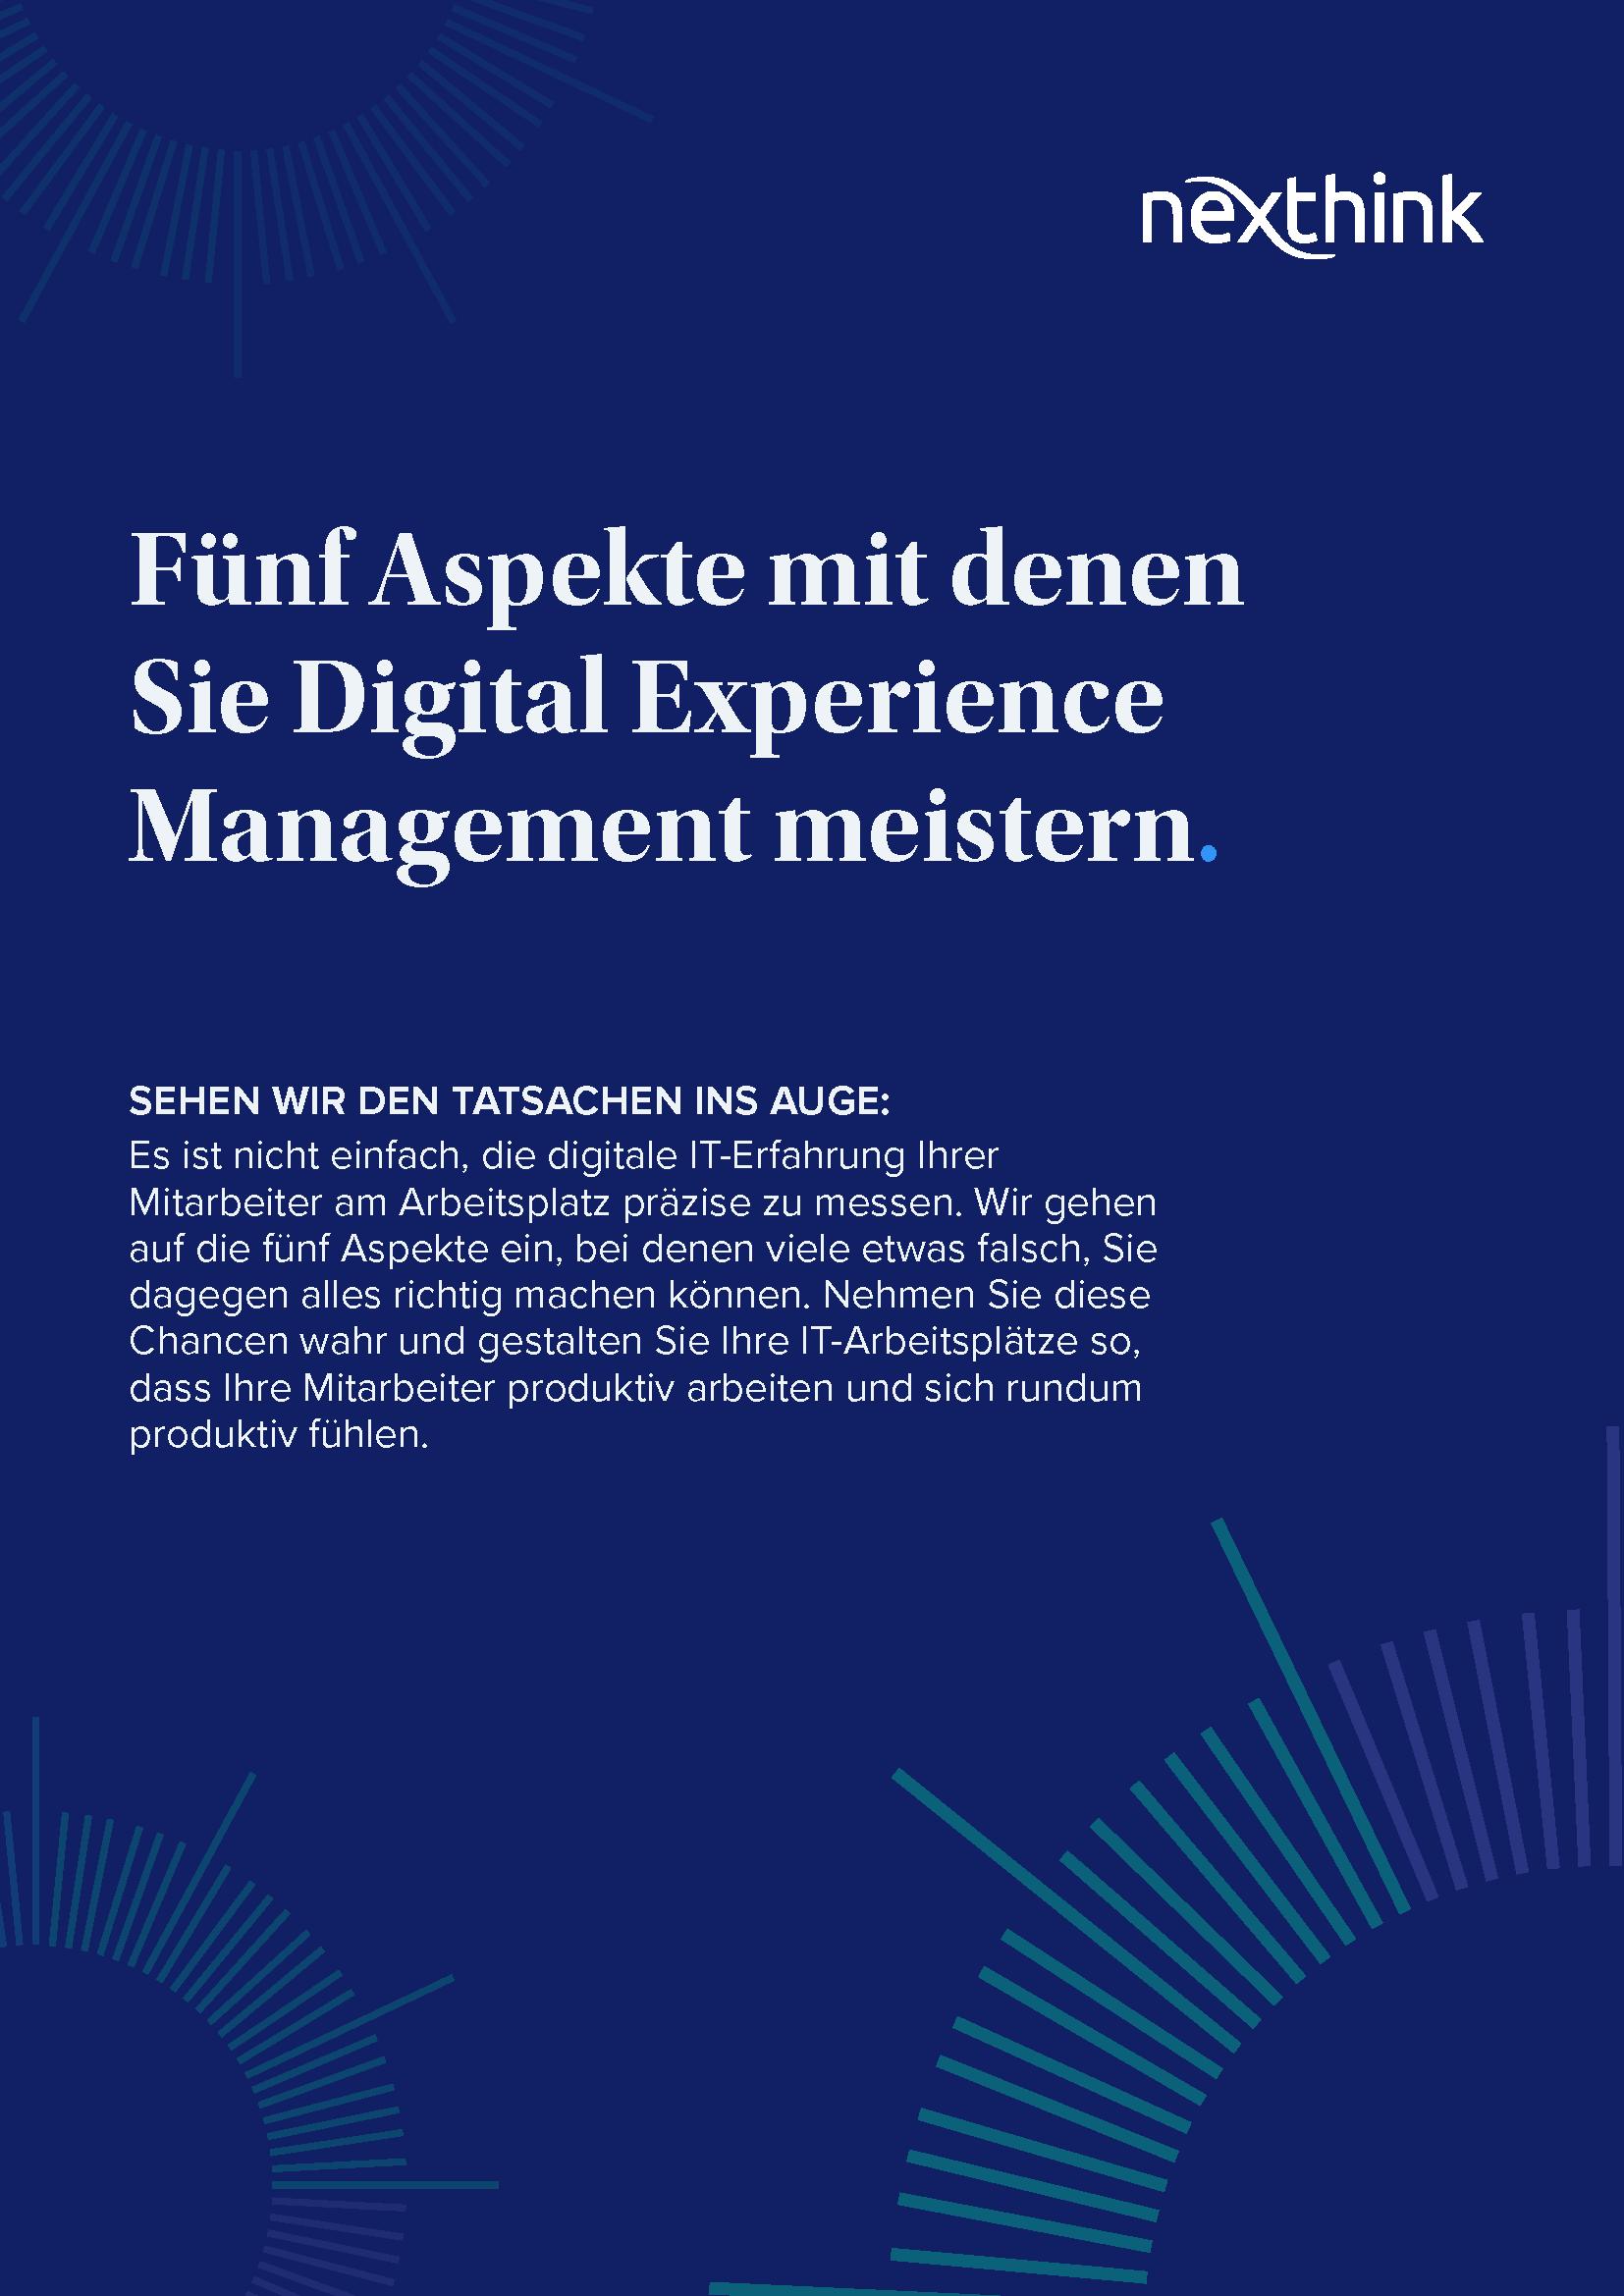 Fünf Aspekte, mit denen Sie Digital Experience Management meistern